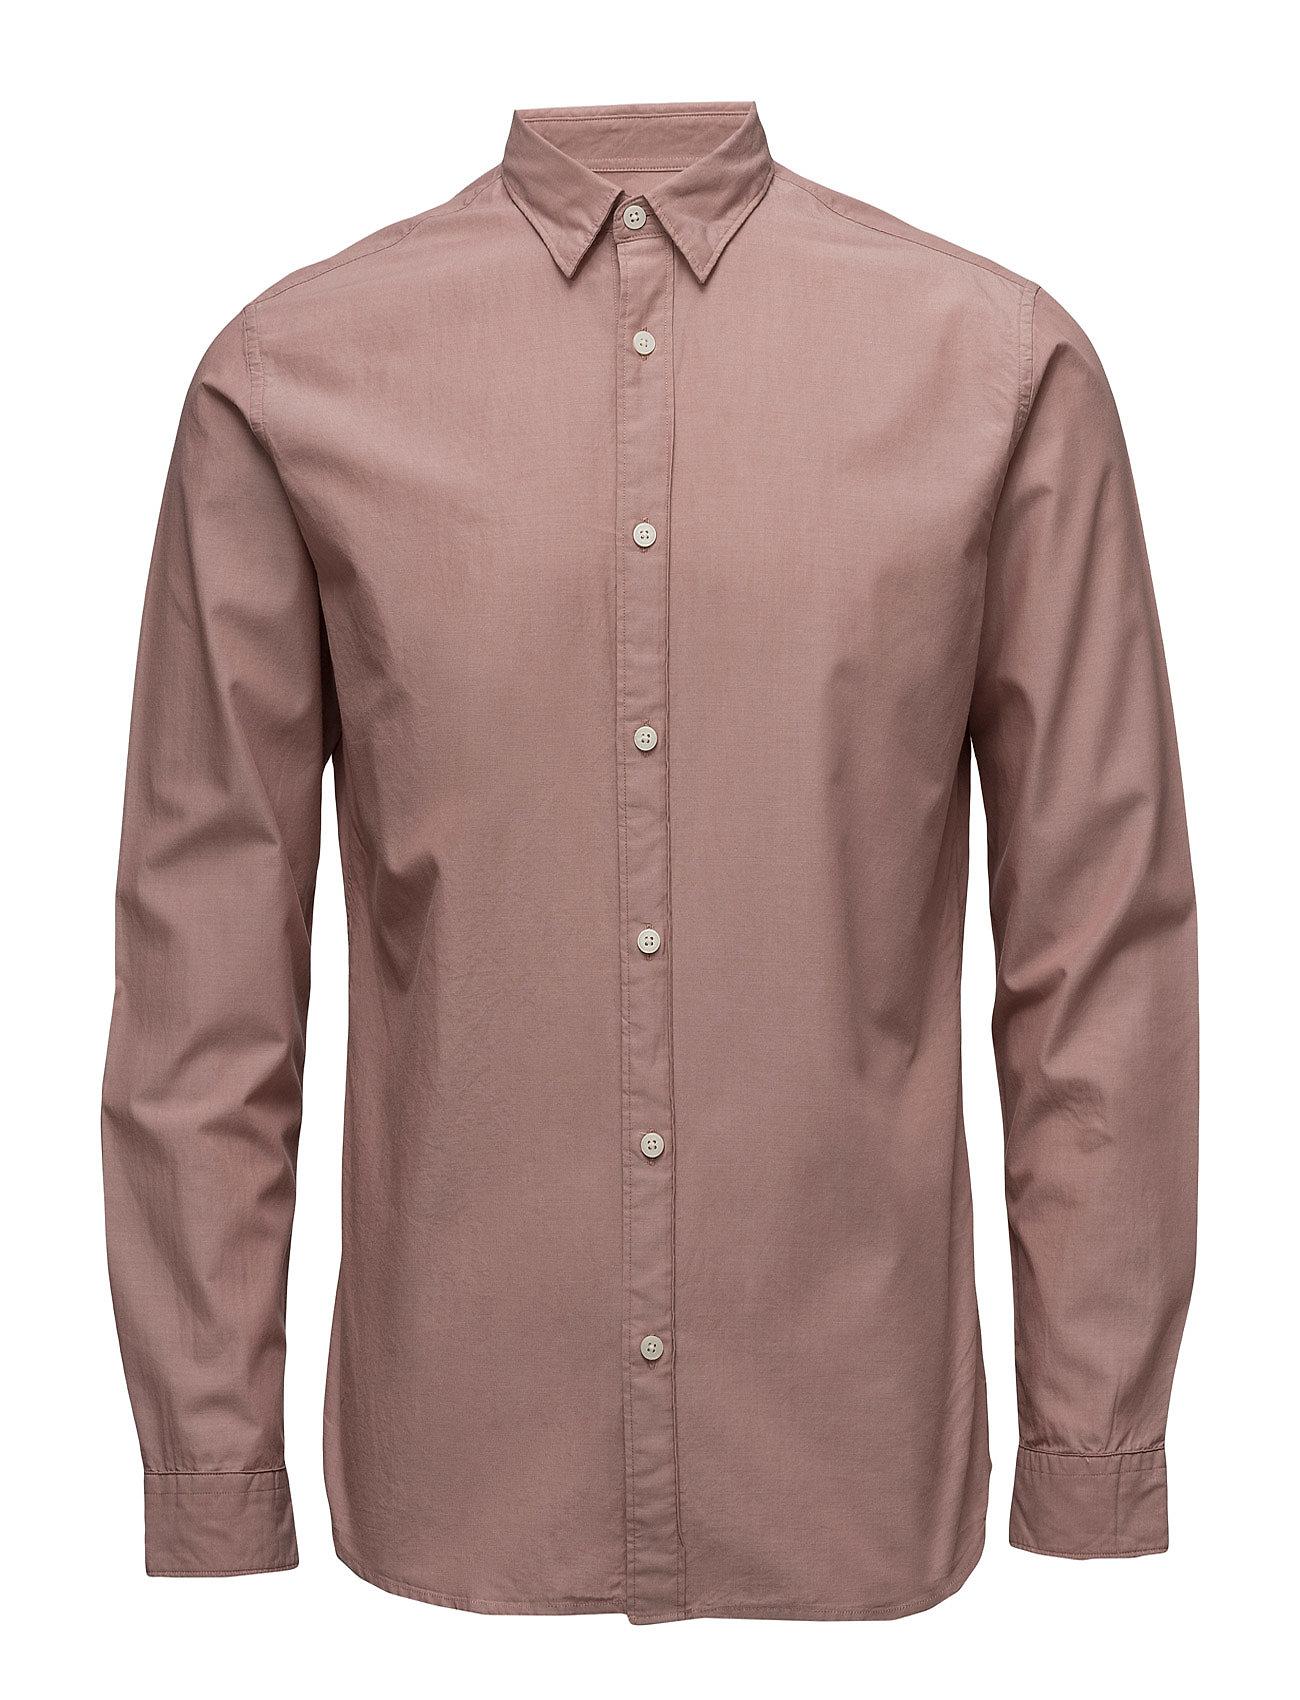 Shhonelouis Shirt Ls Noos Selected Homme Casual sko til Herrer i